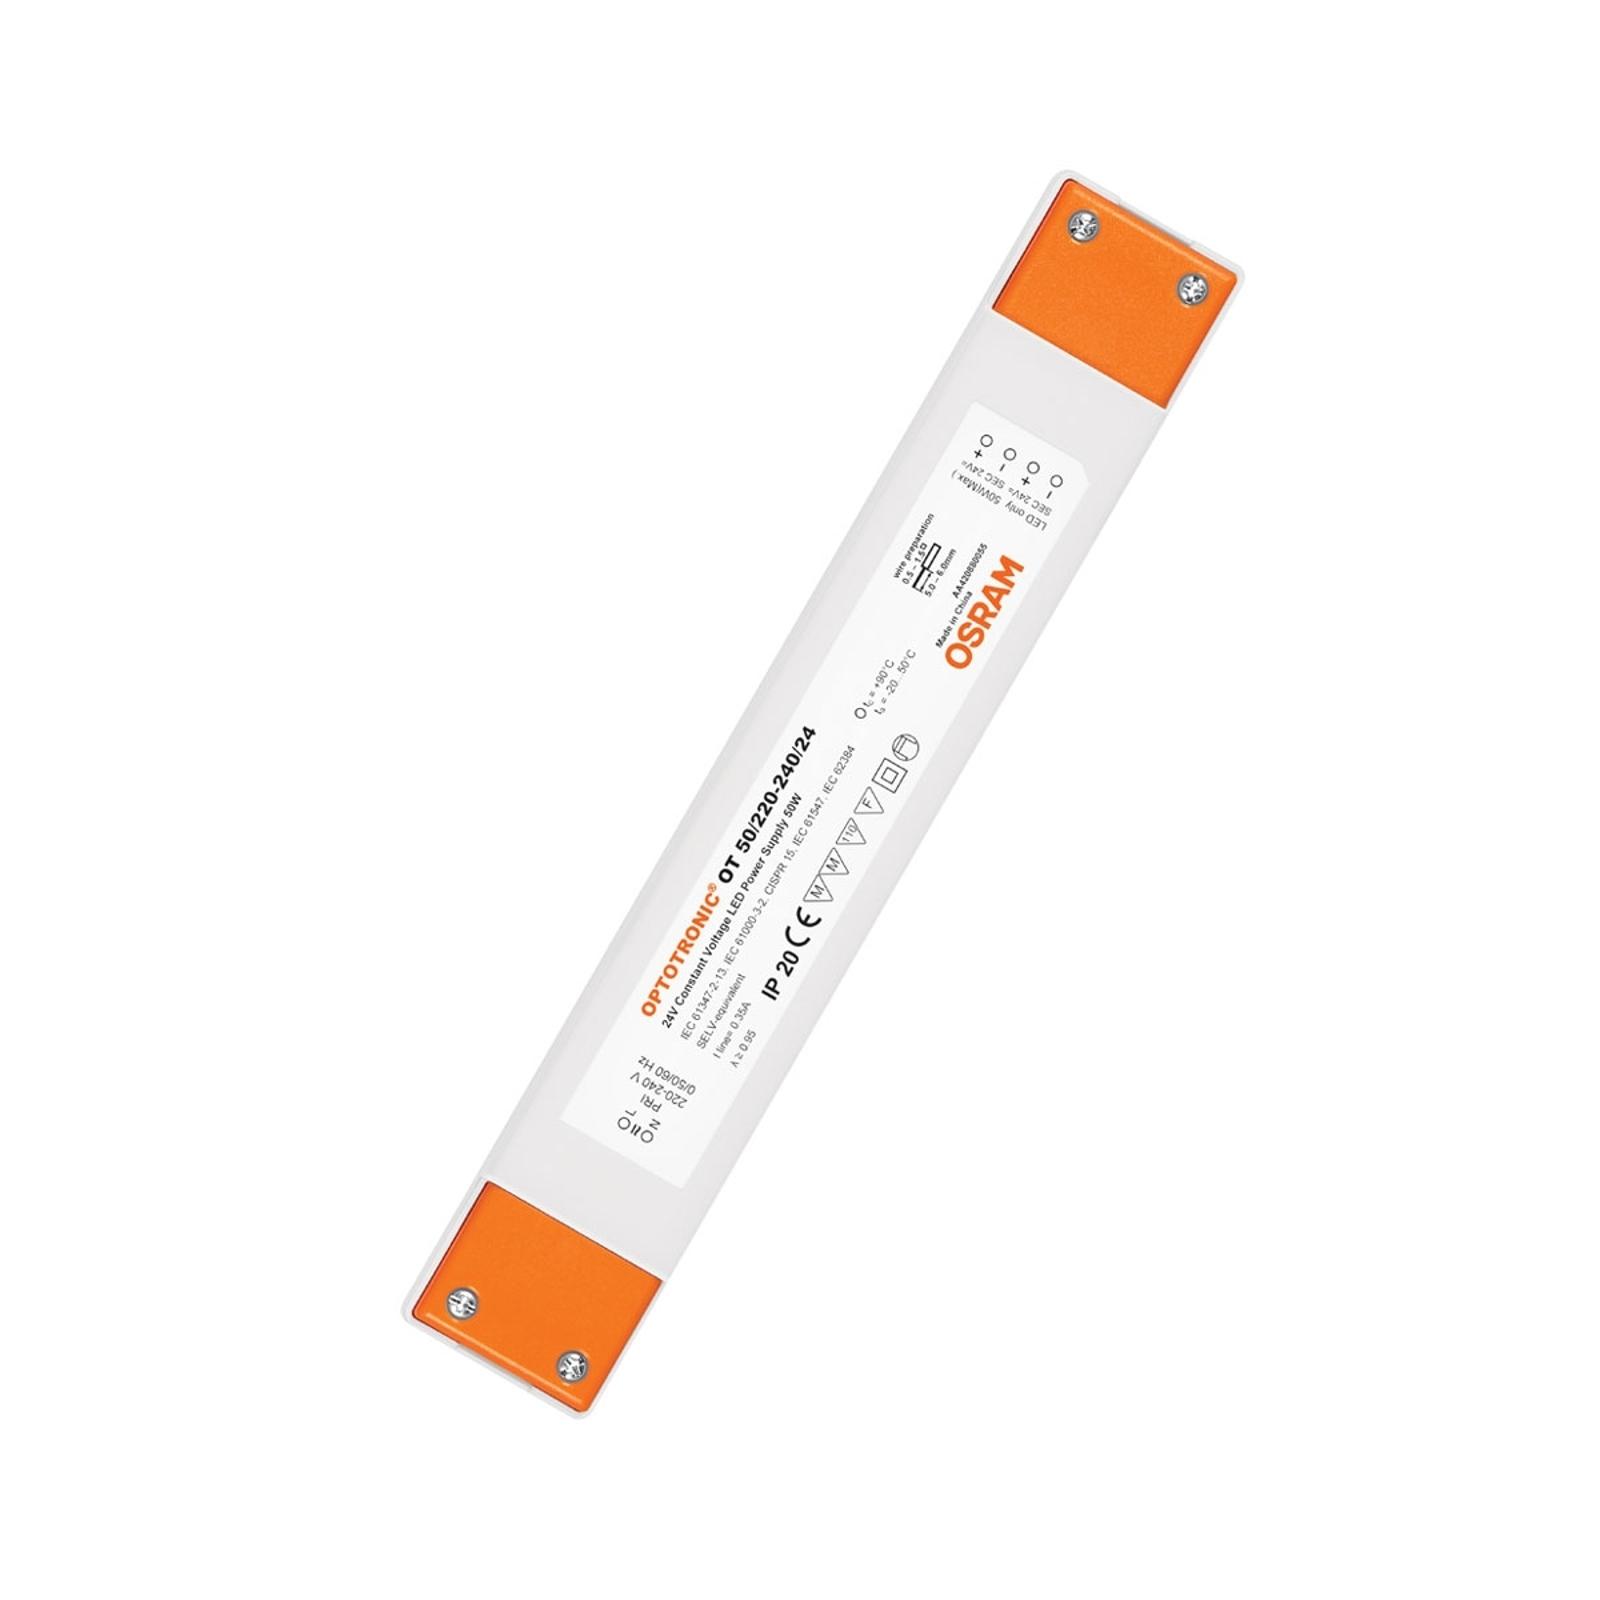 Sterownik LED 24V Konst.-Spg. 50W Optotronic IP20